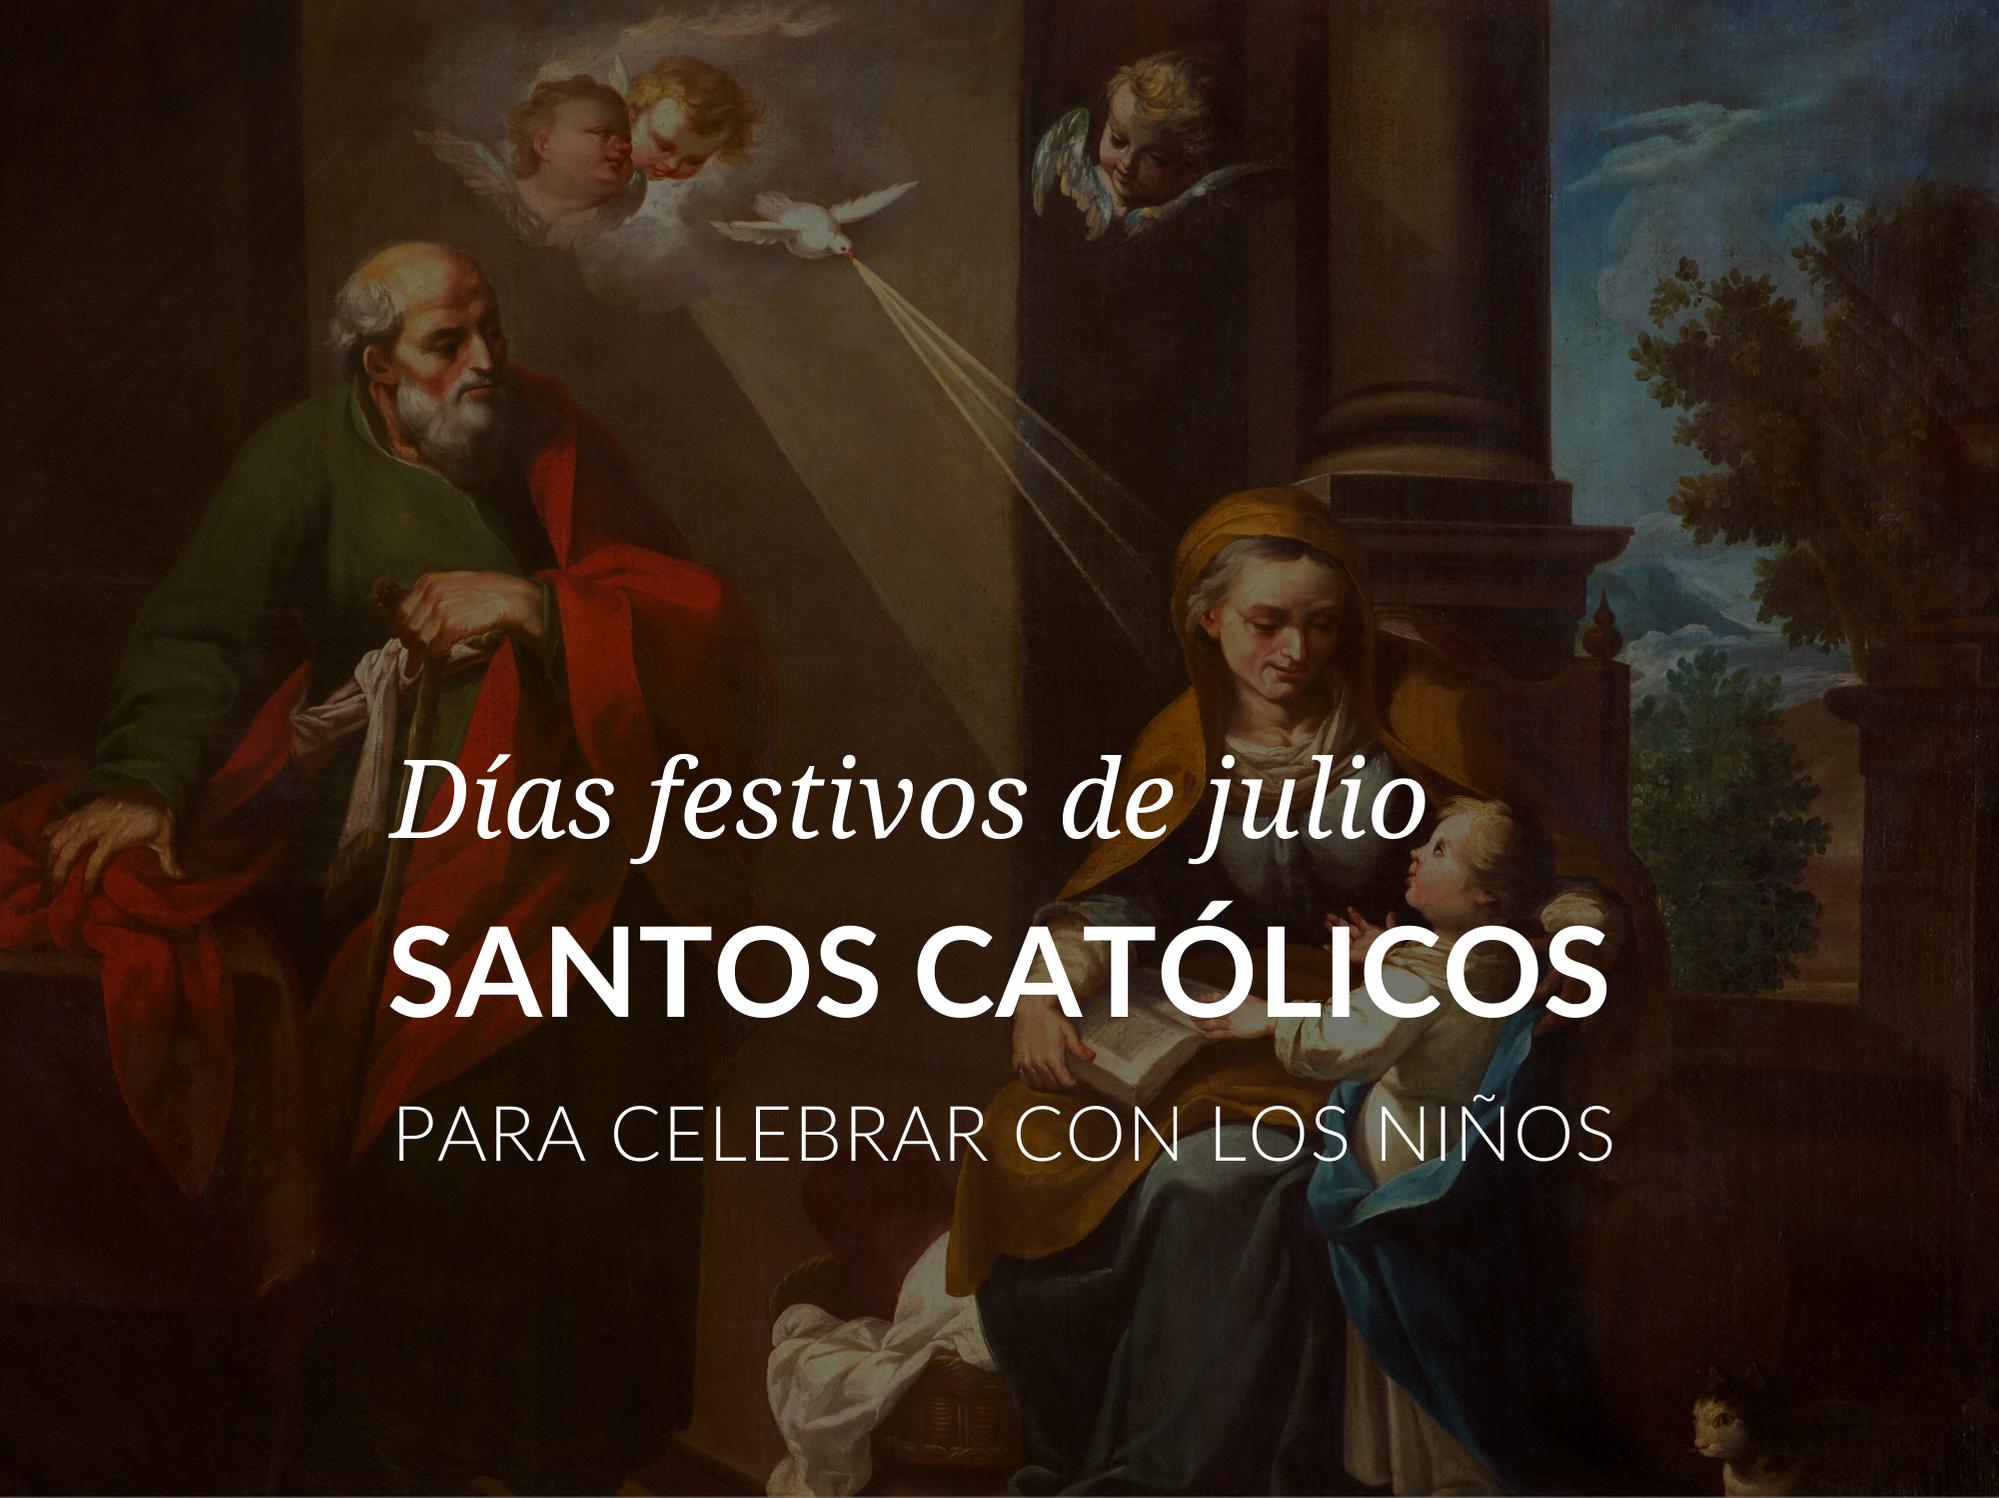 Dias festivos de julio – Santos catolicos para celebrar con los ninos